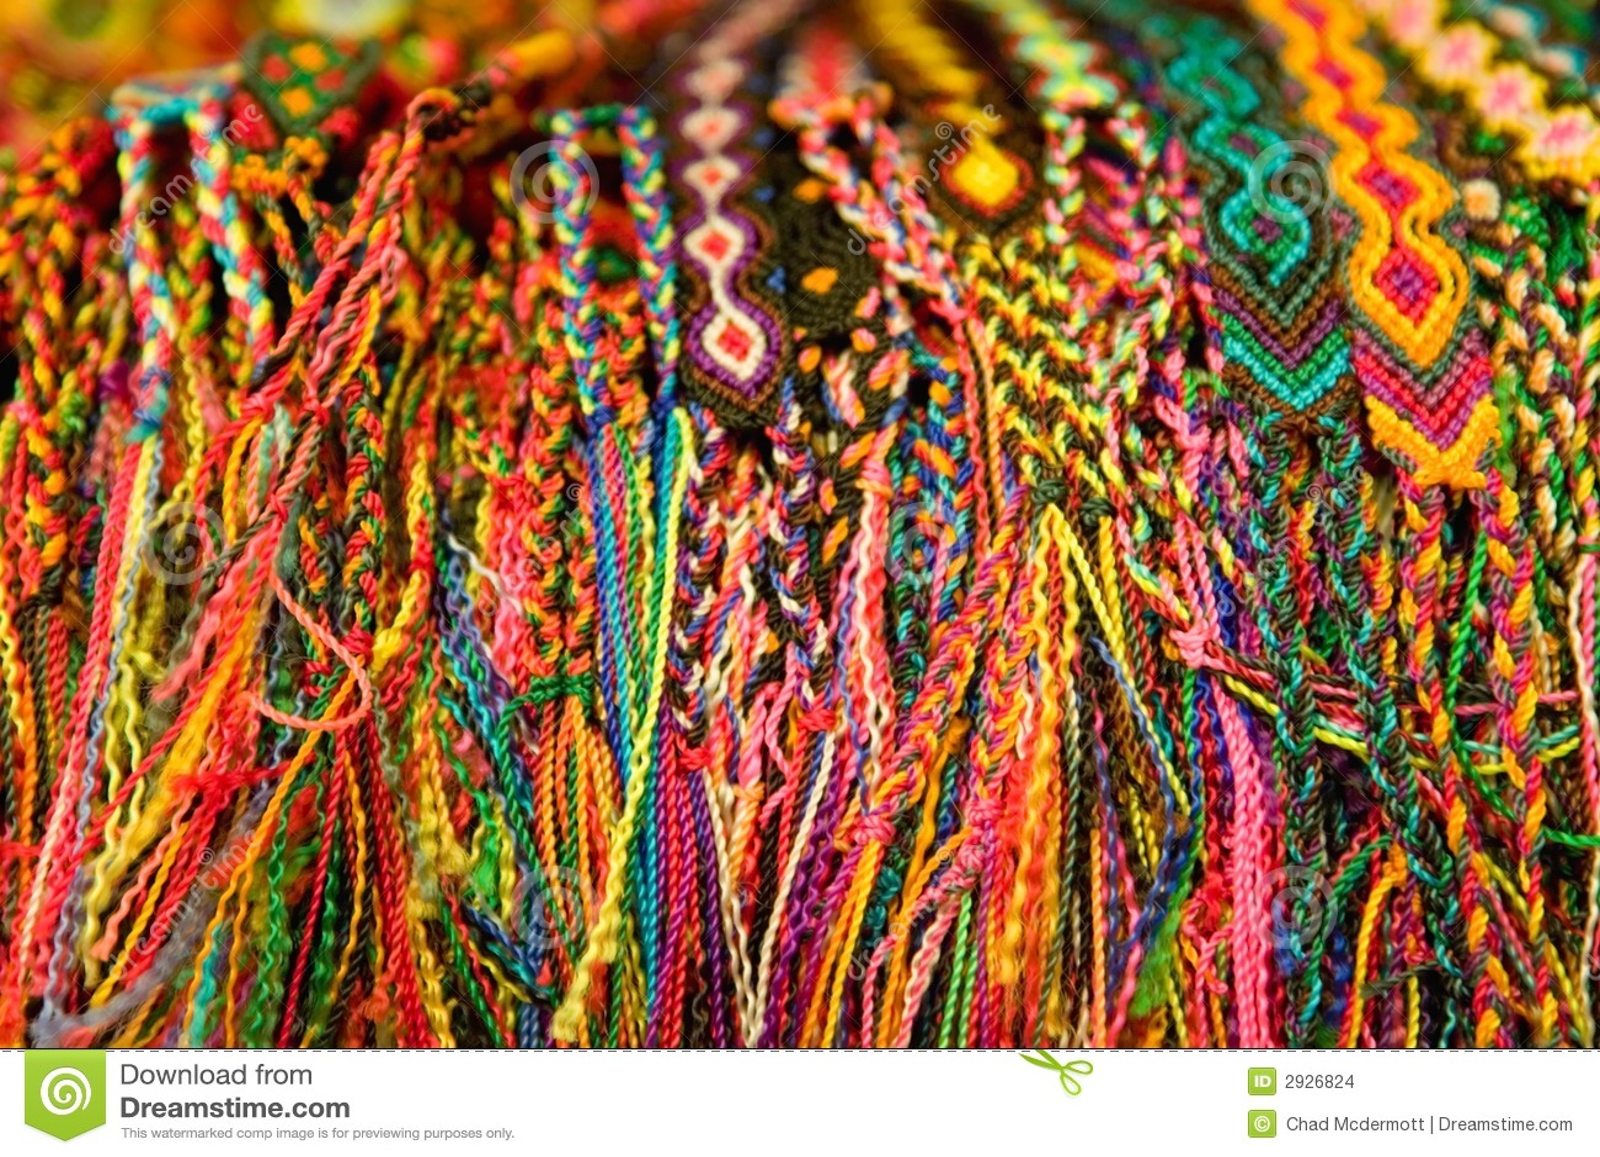 Braccialetti messicani tessuti variopinti da vendere nel mercado.